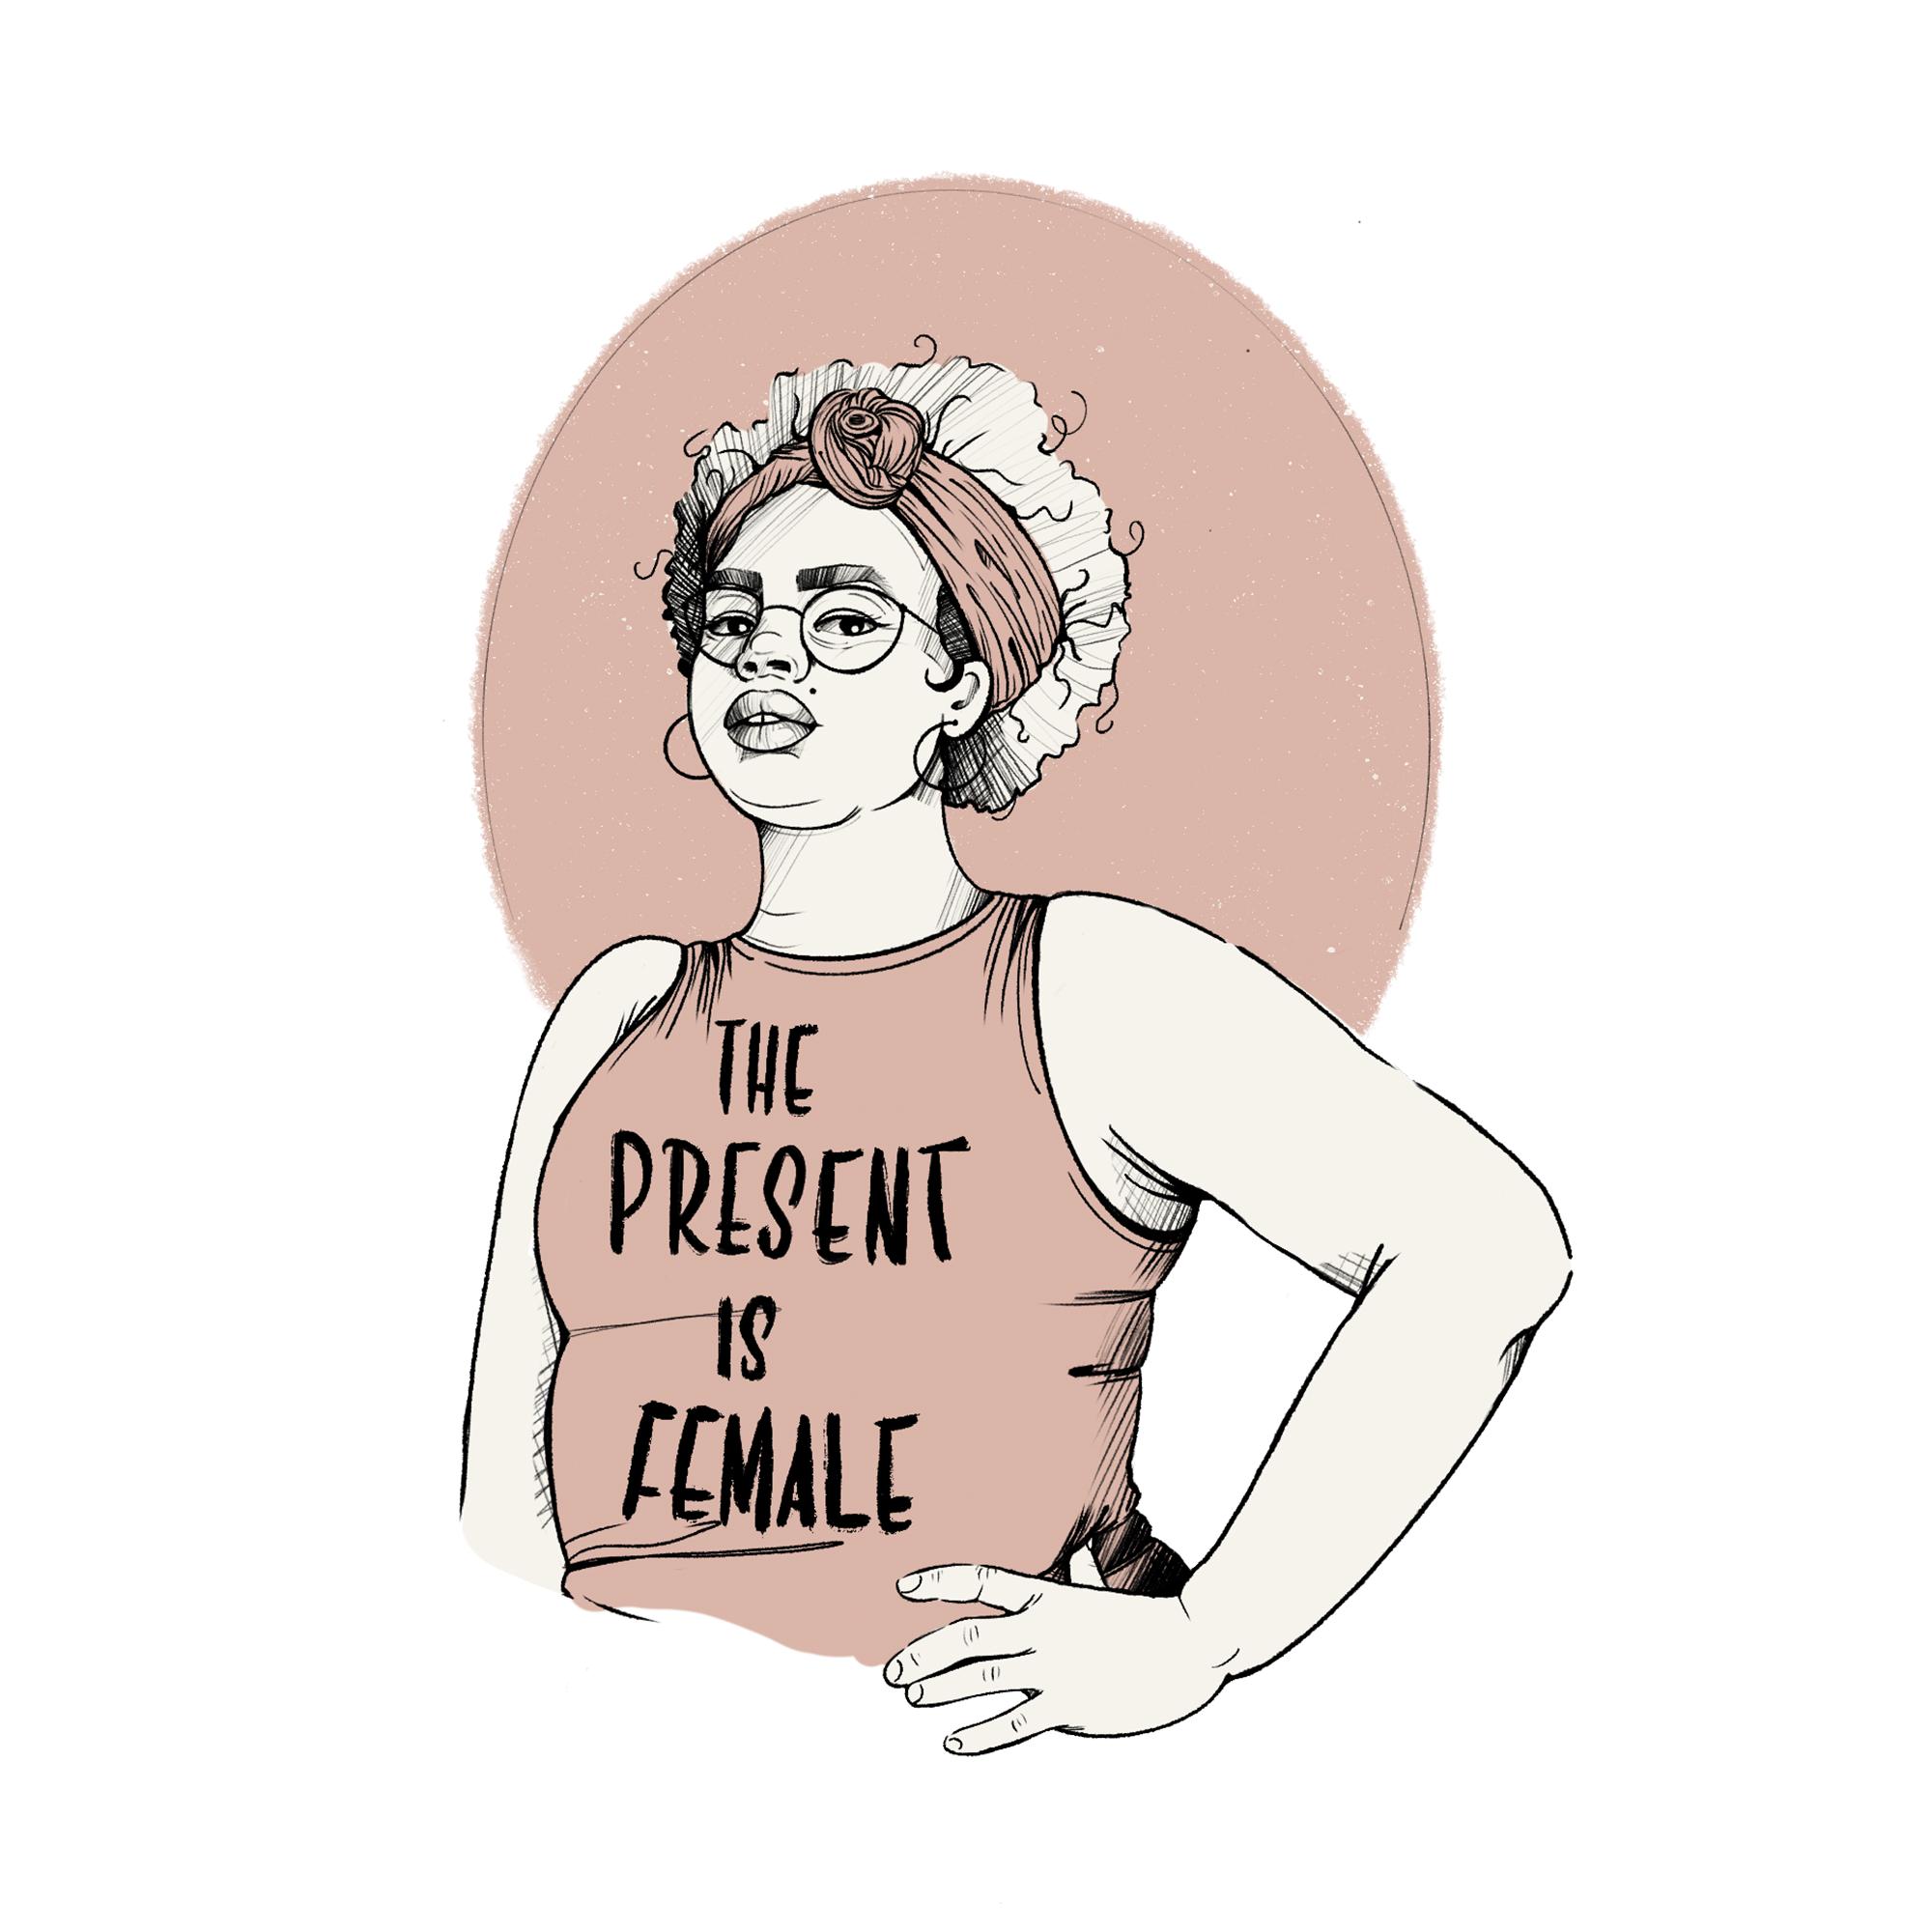 The future is female - Katia Barria